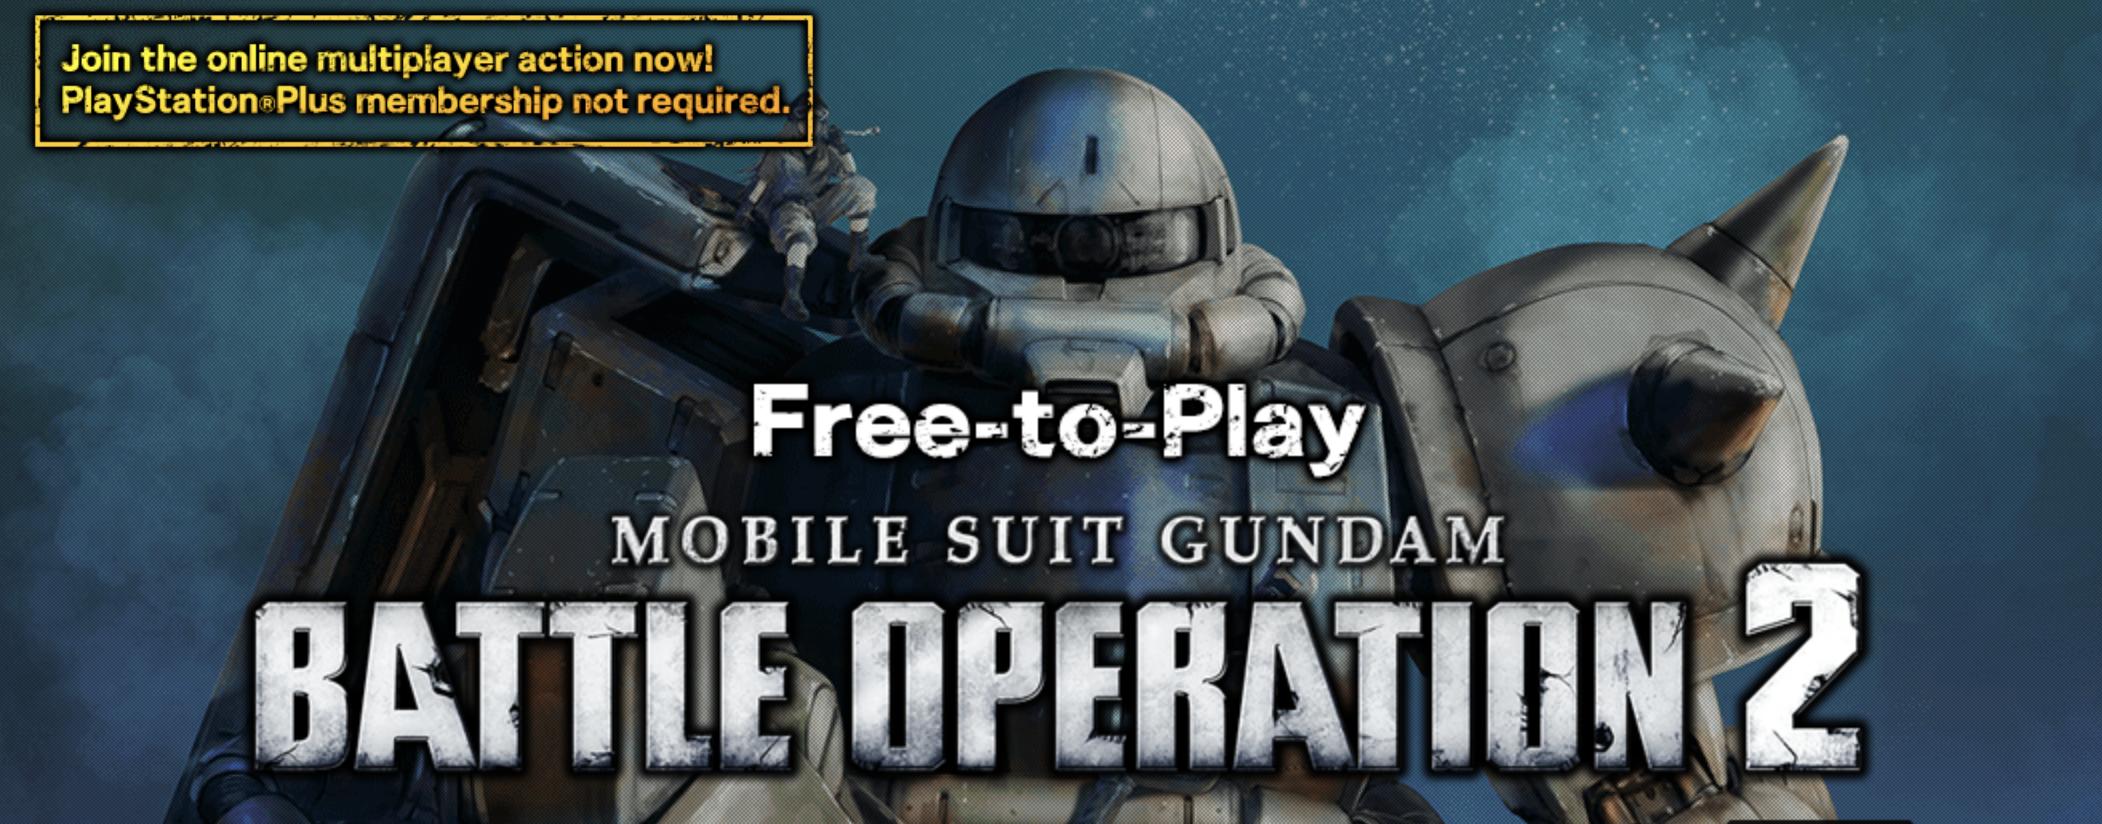 Mobile Suit Gundam Battle Operation 2 per PlayStation 4 è disponibile gratuitamente per il download e il gioco.